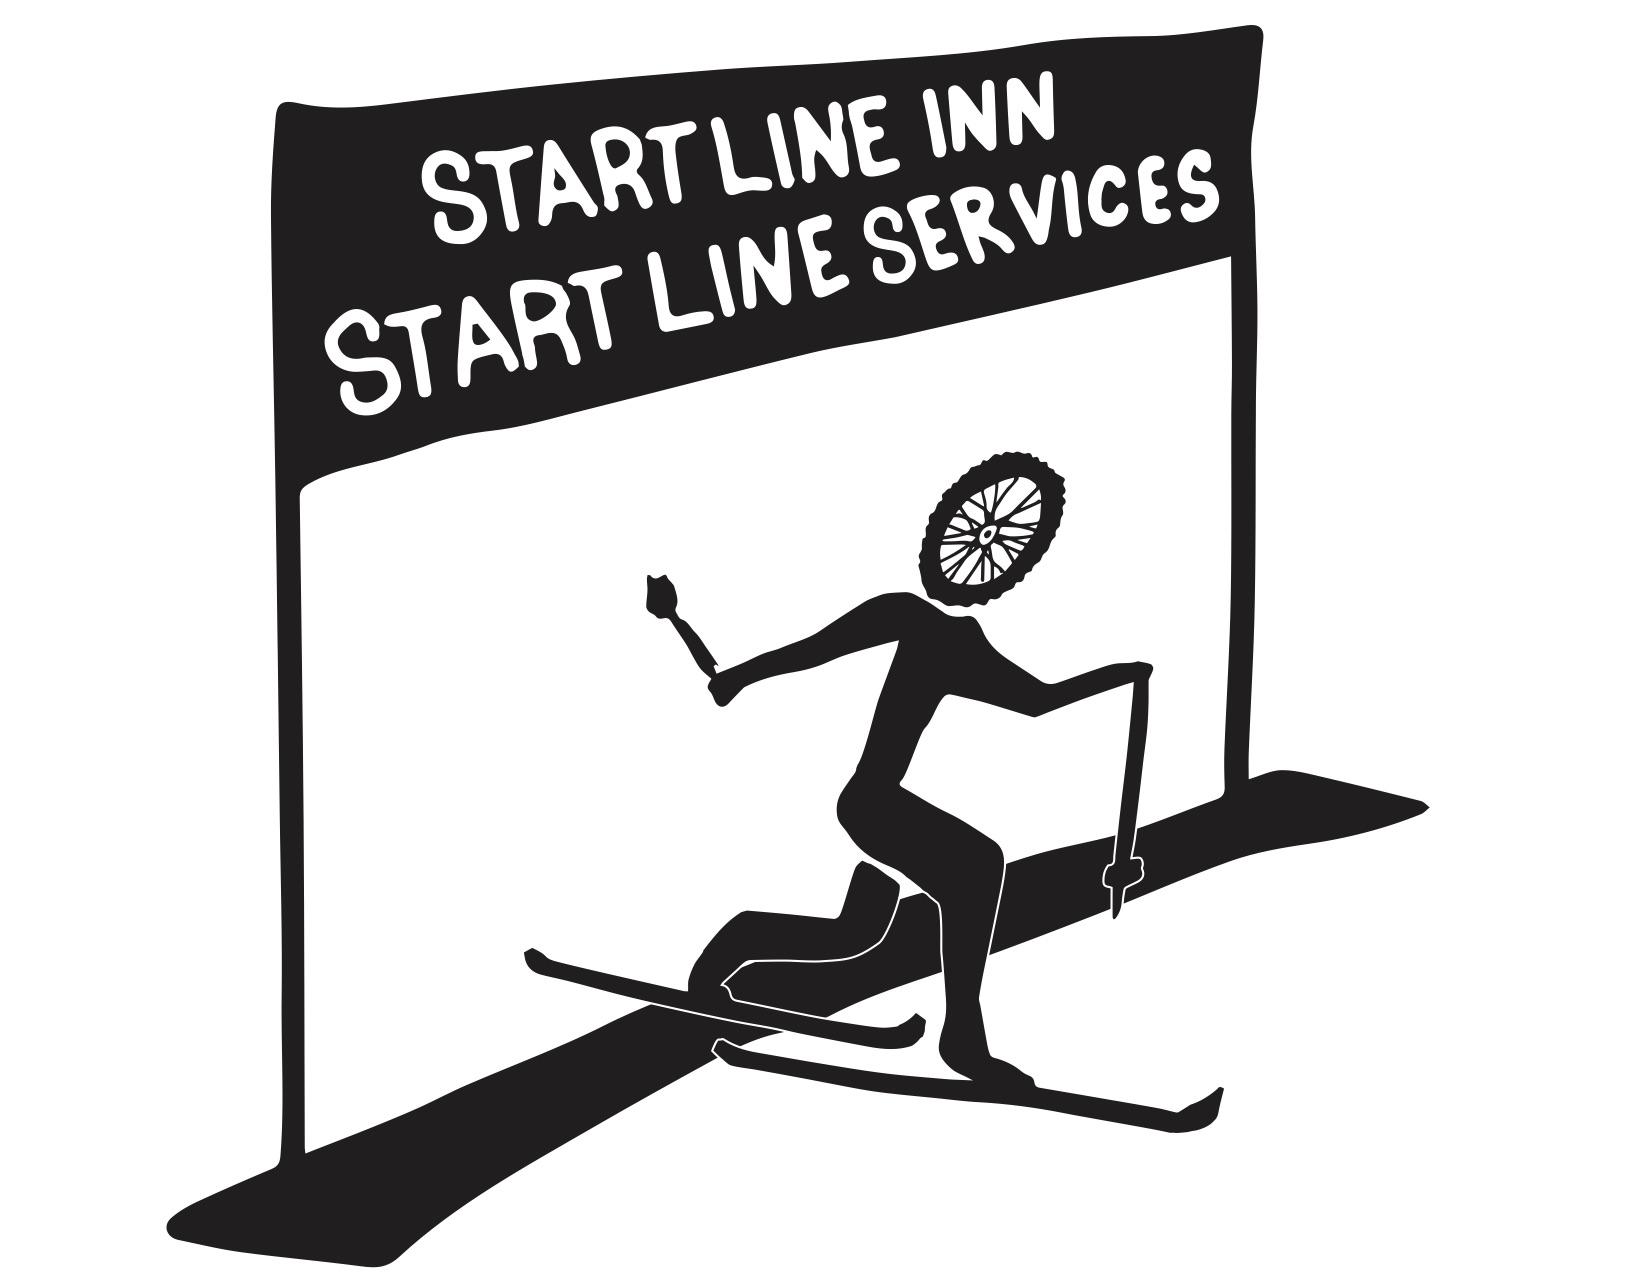 Start Line Inn